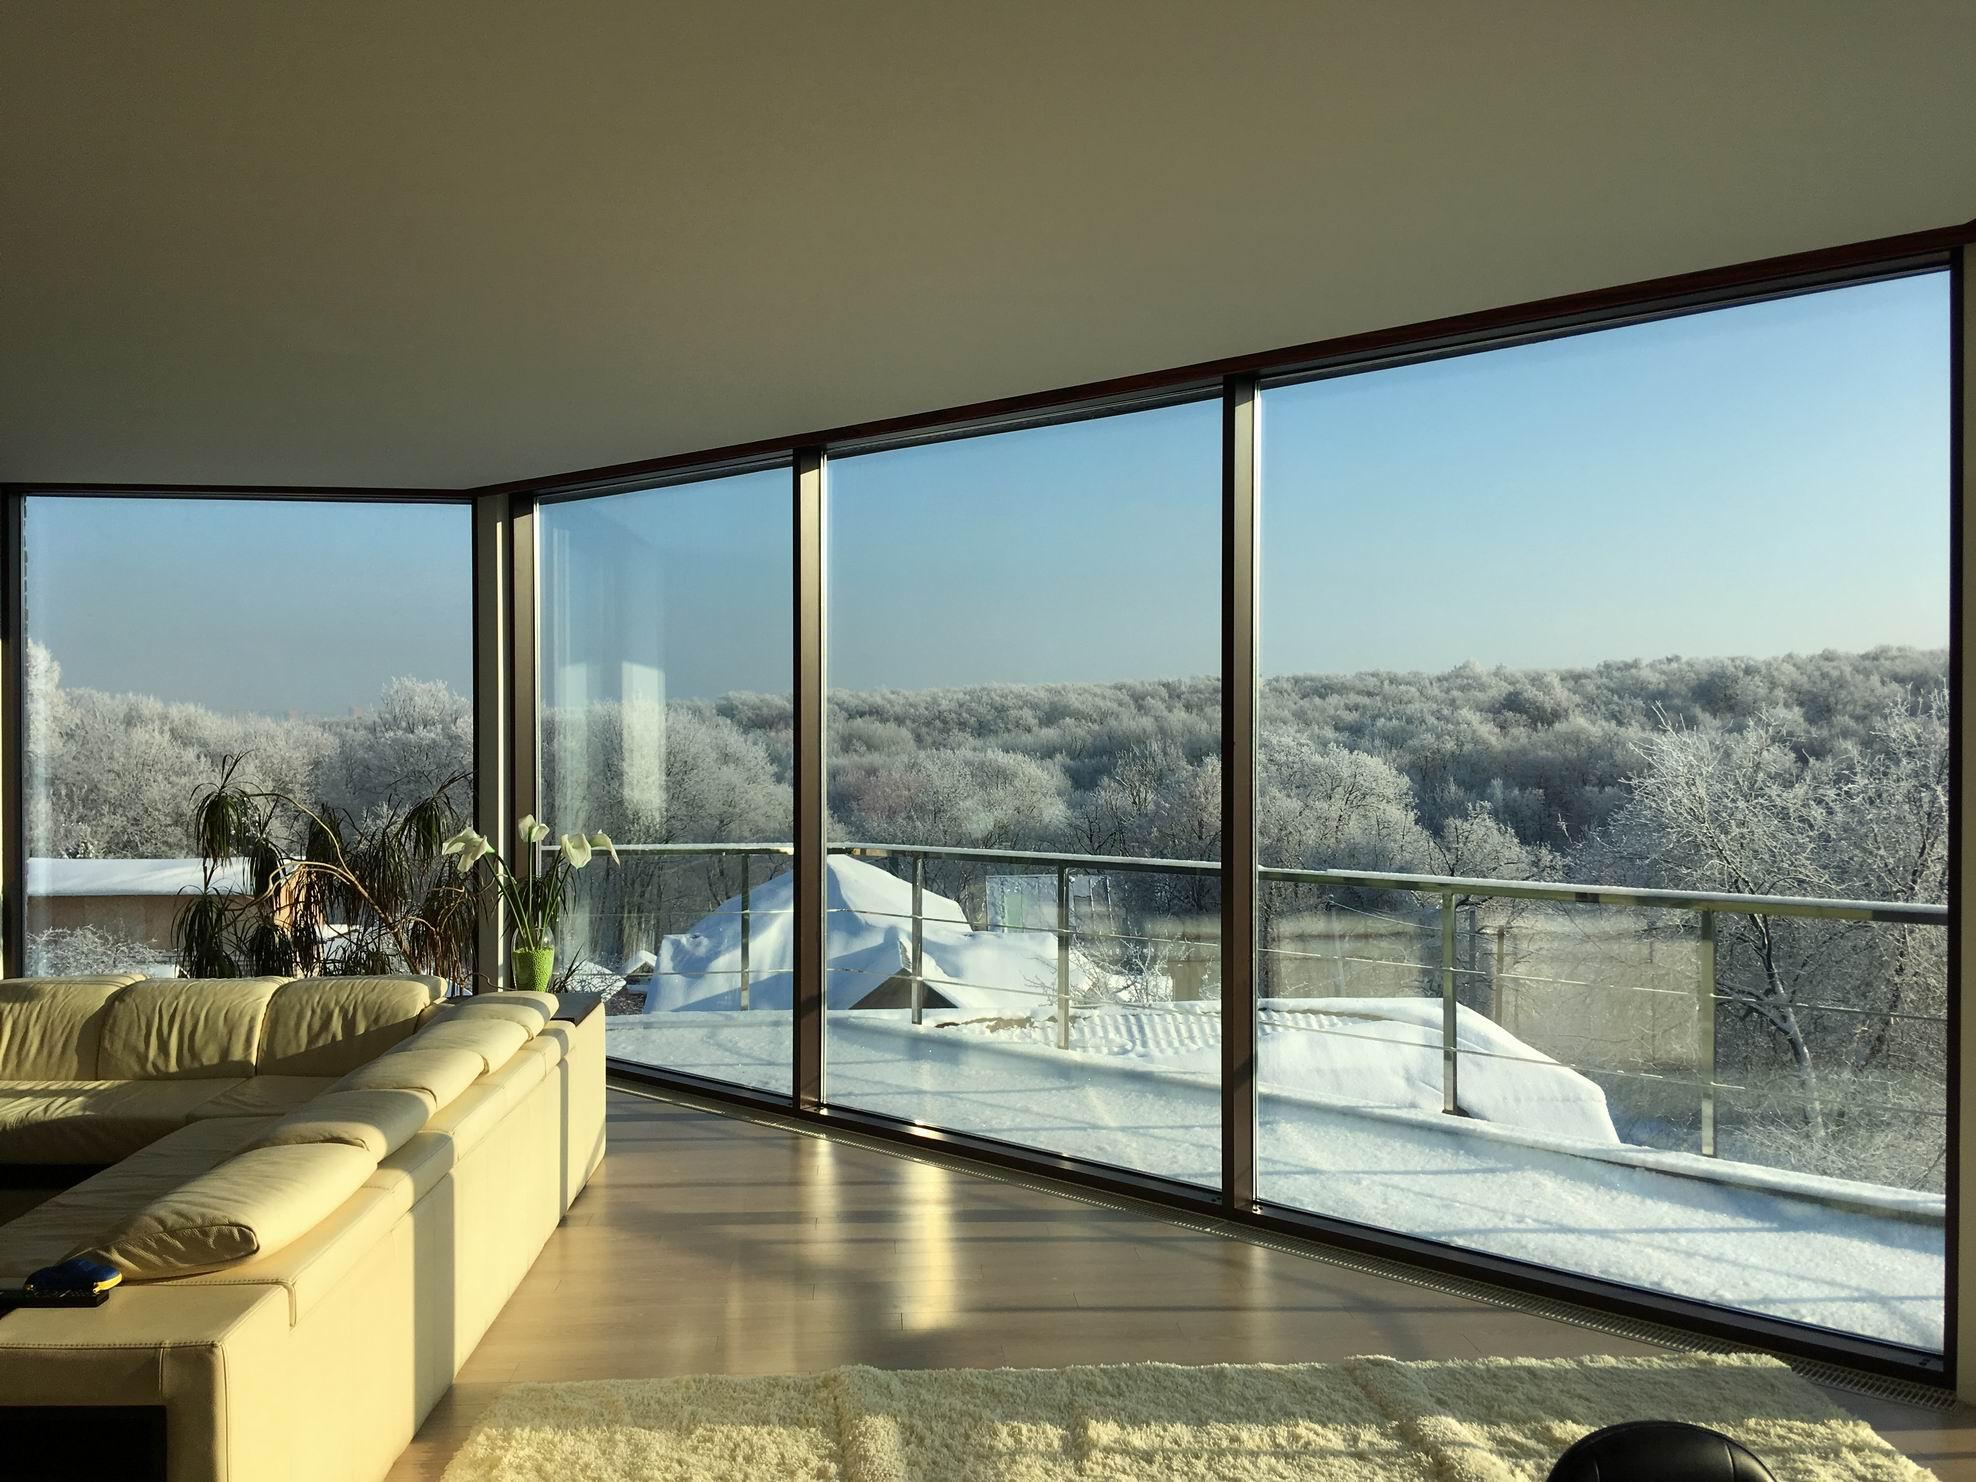 Проект дома с плоской крышей, террасами и панорамными окнами - проект Сиверка; реализация, 2018.02